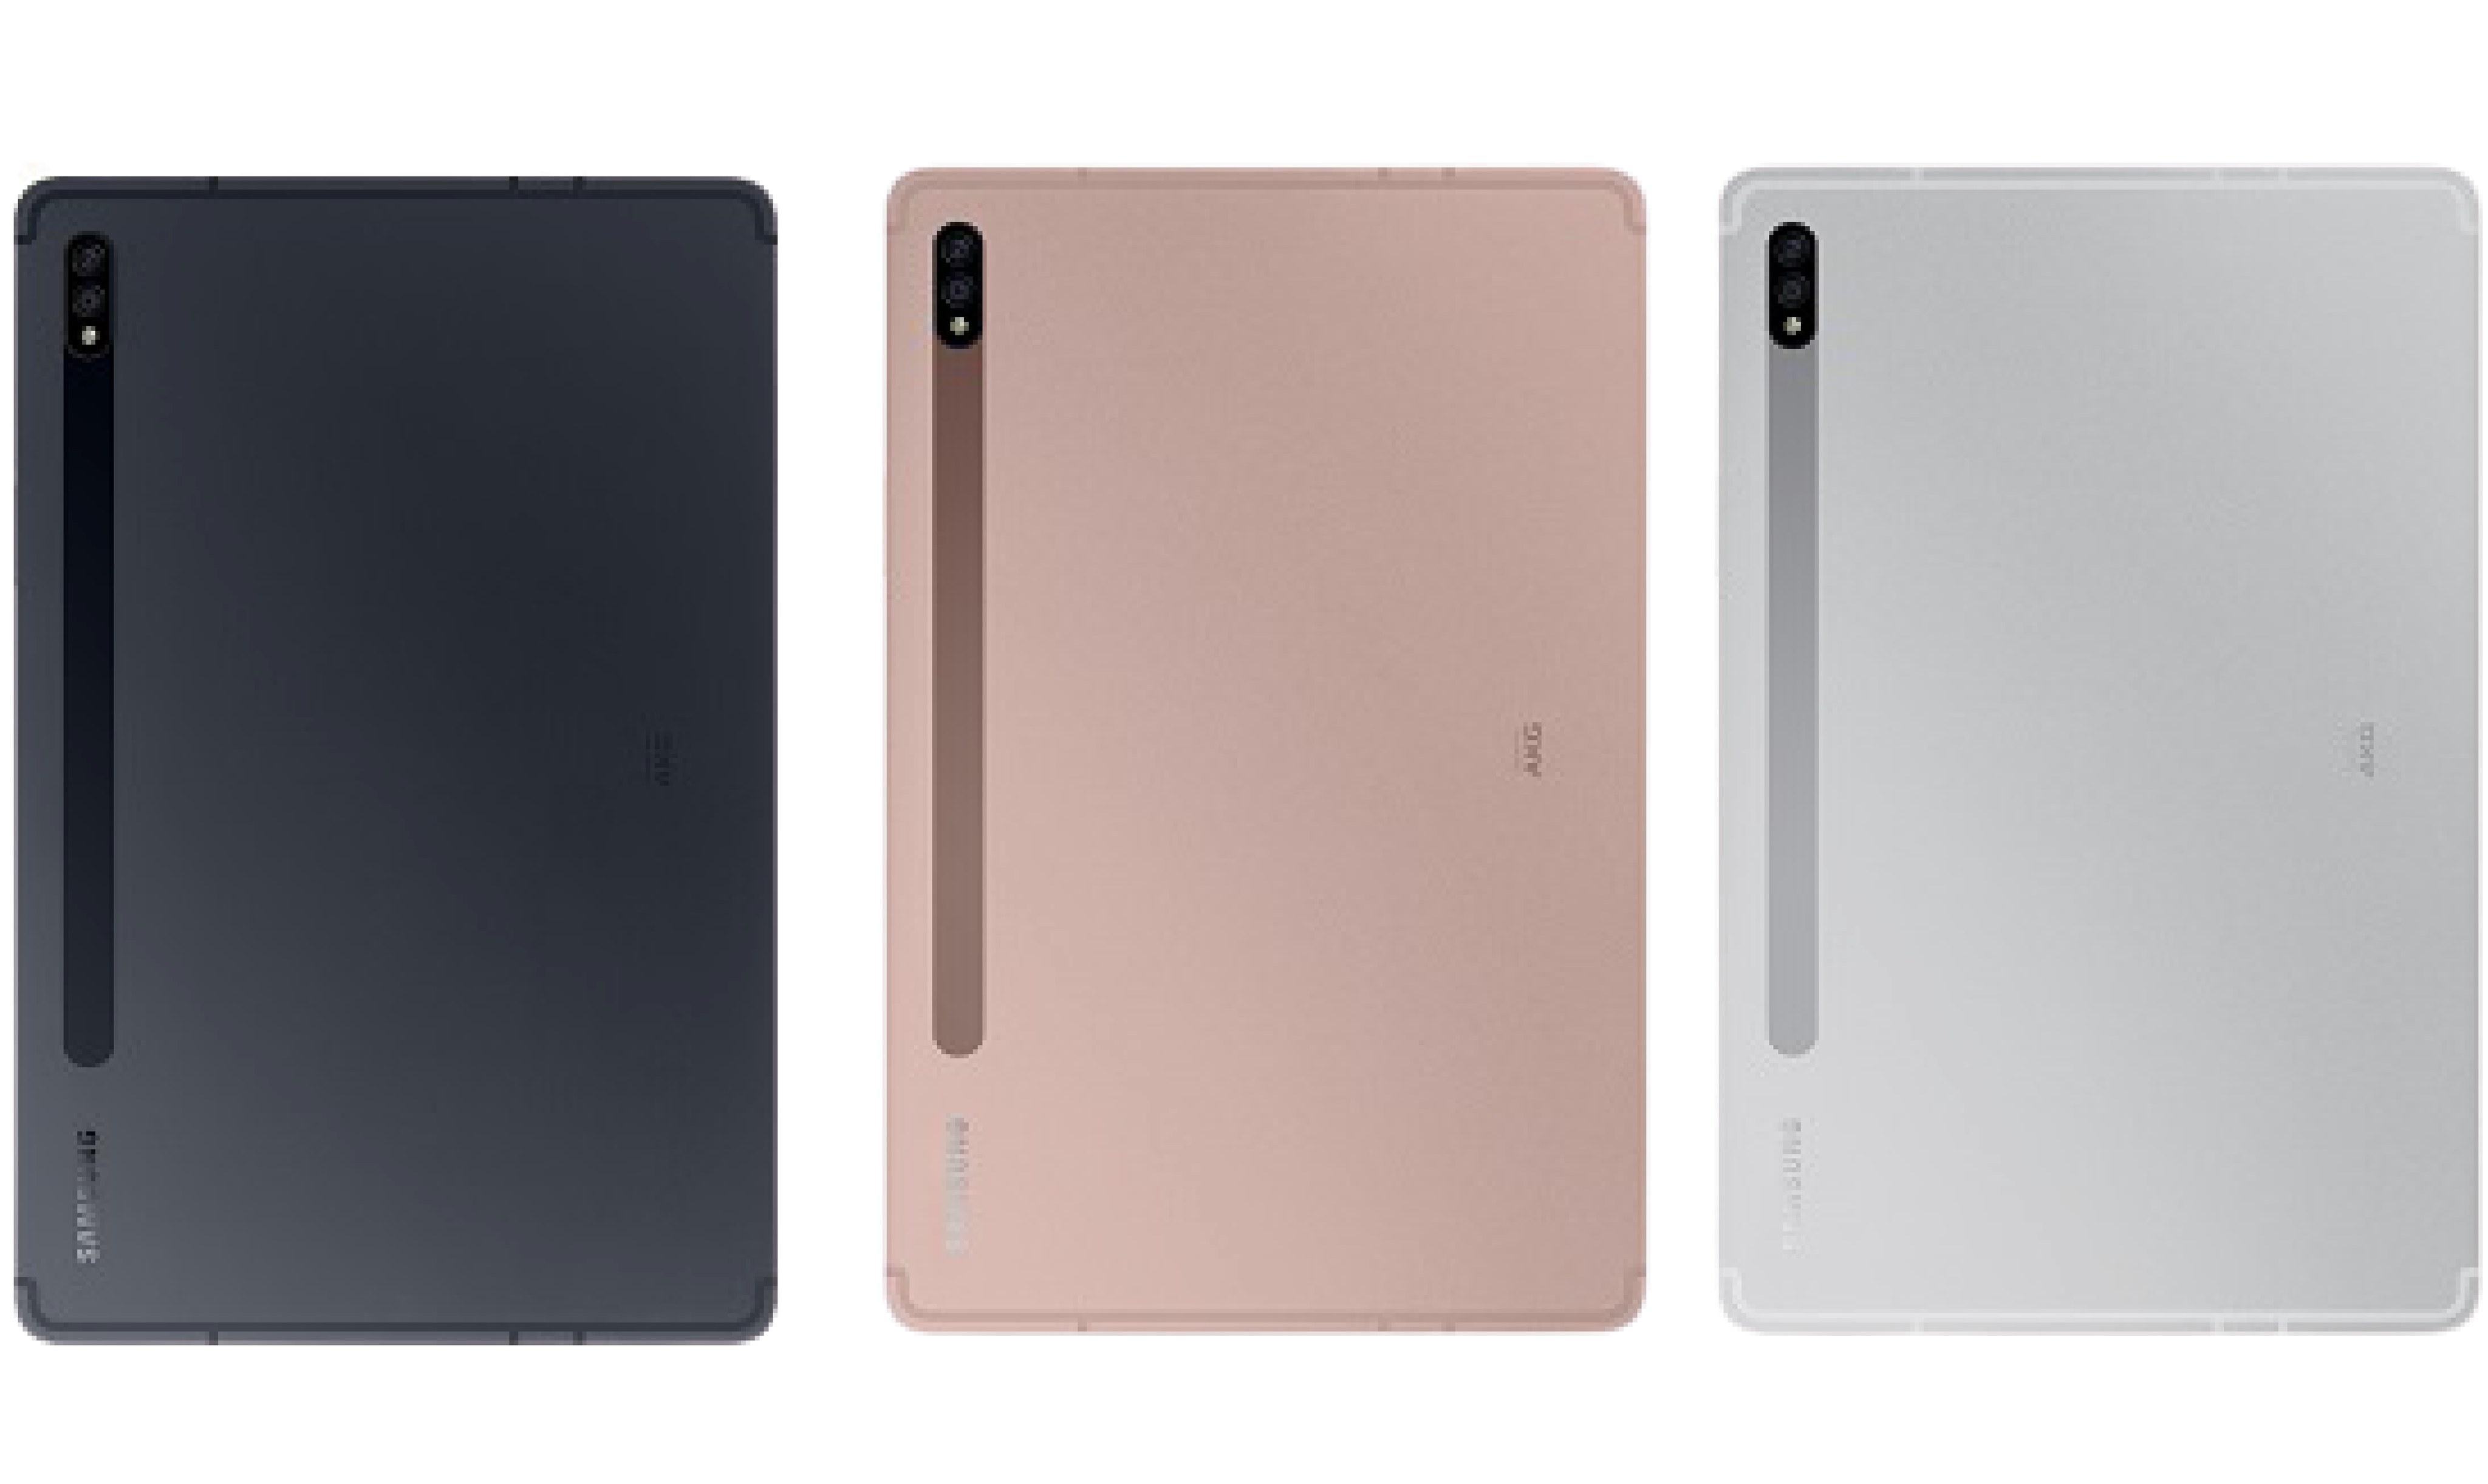 تصویر تبلت سامسونگ گلکسی تب اس 7 پلاس مدل SM-T975 ظرفیت 128 گیگابایت 4G ( با گارانتی ) Samsung Galaxy Tab S7 Plus T975 128GB